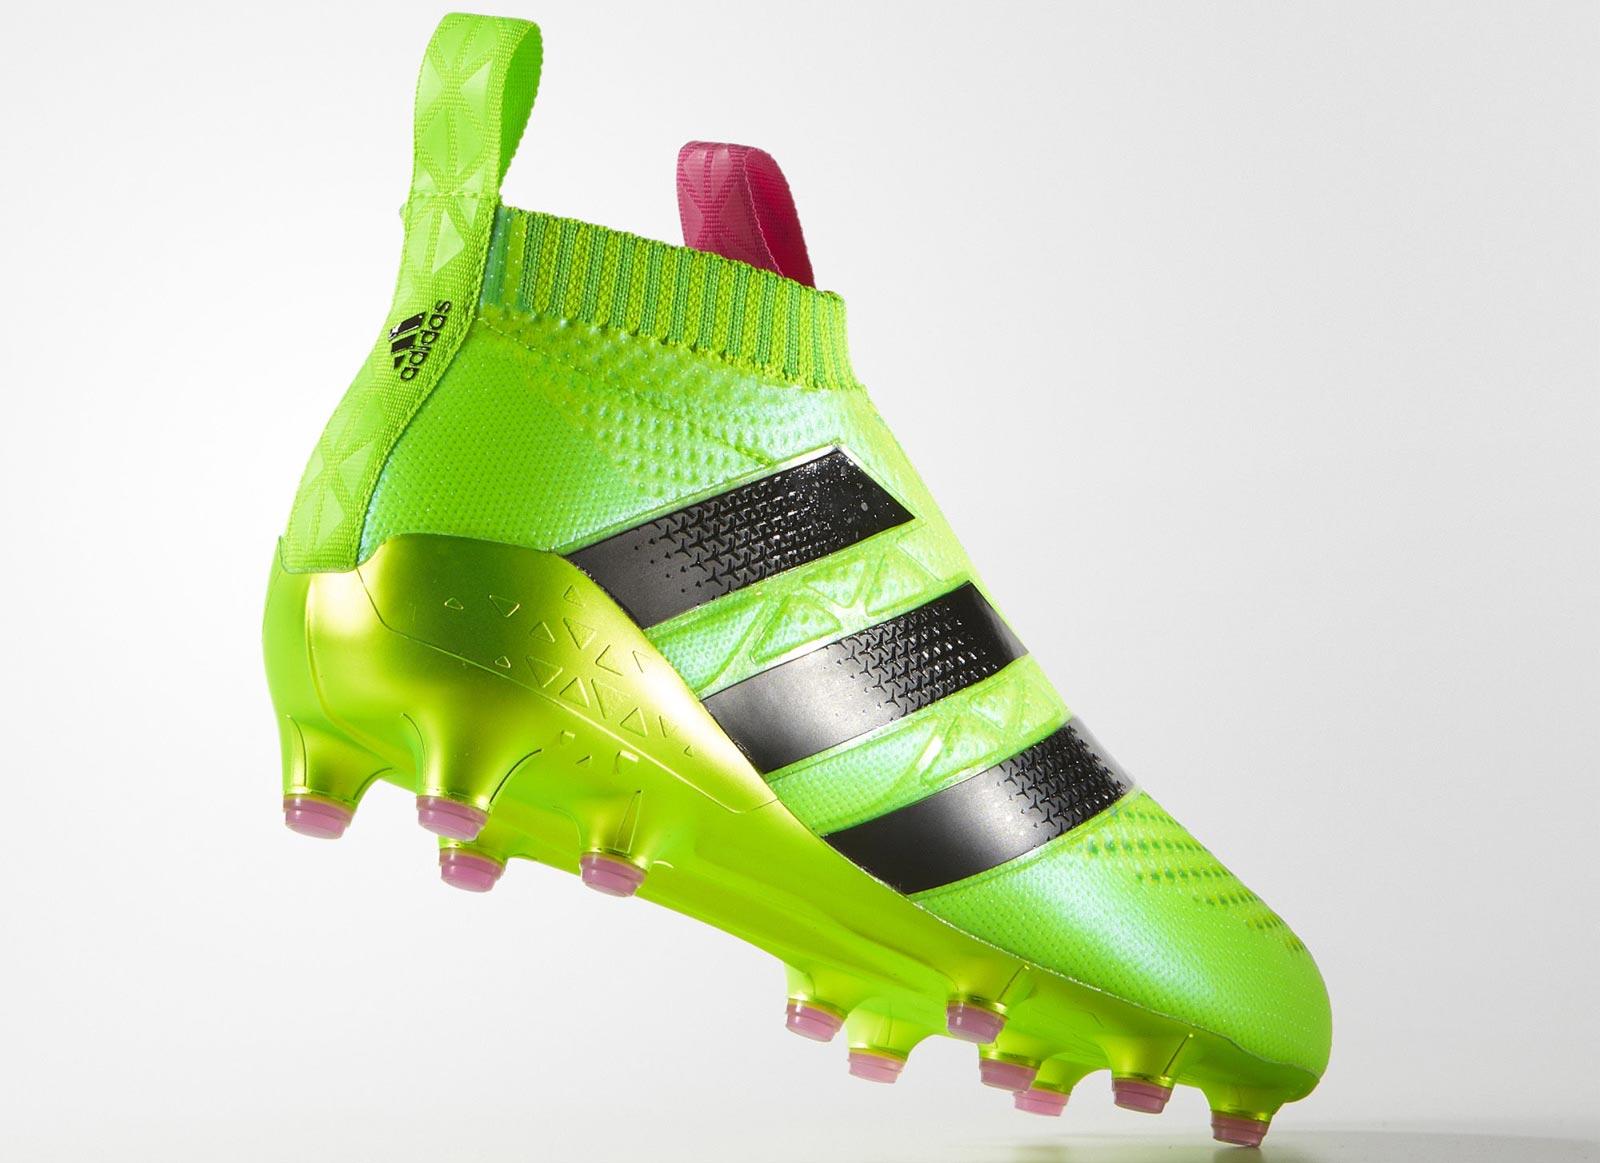 Adidas Ace 16 Grün